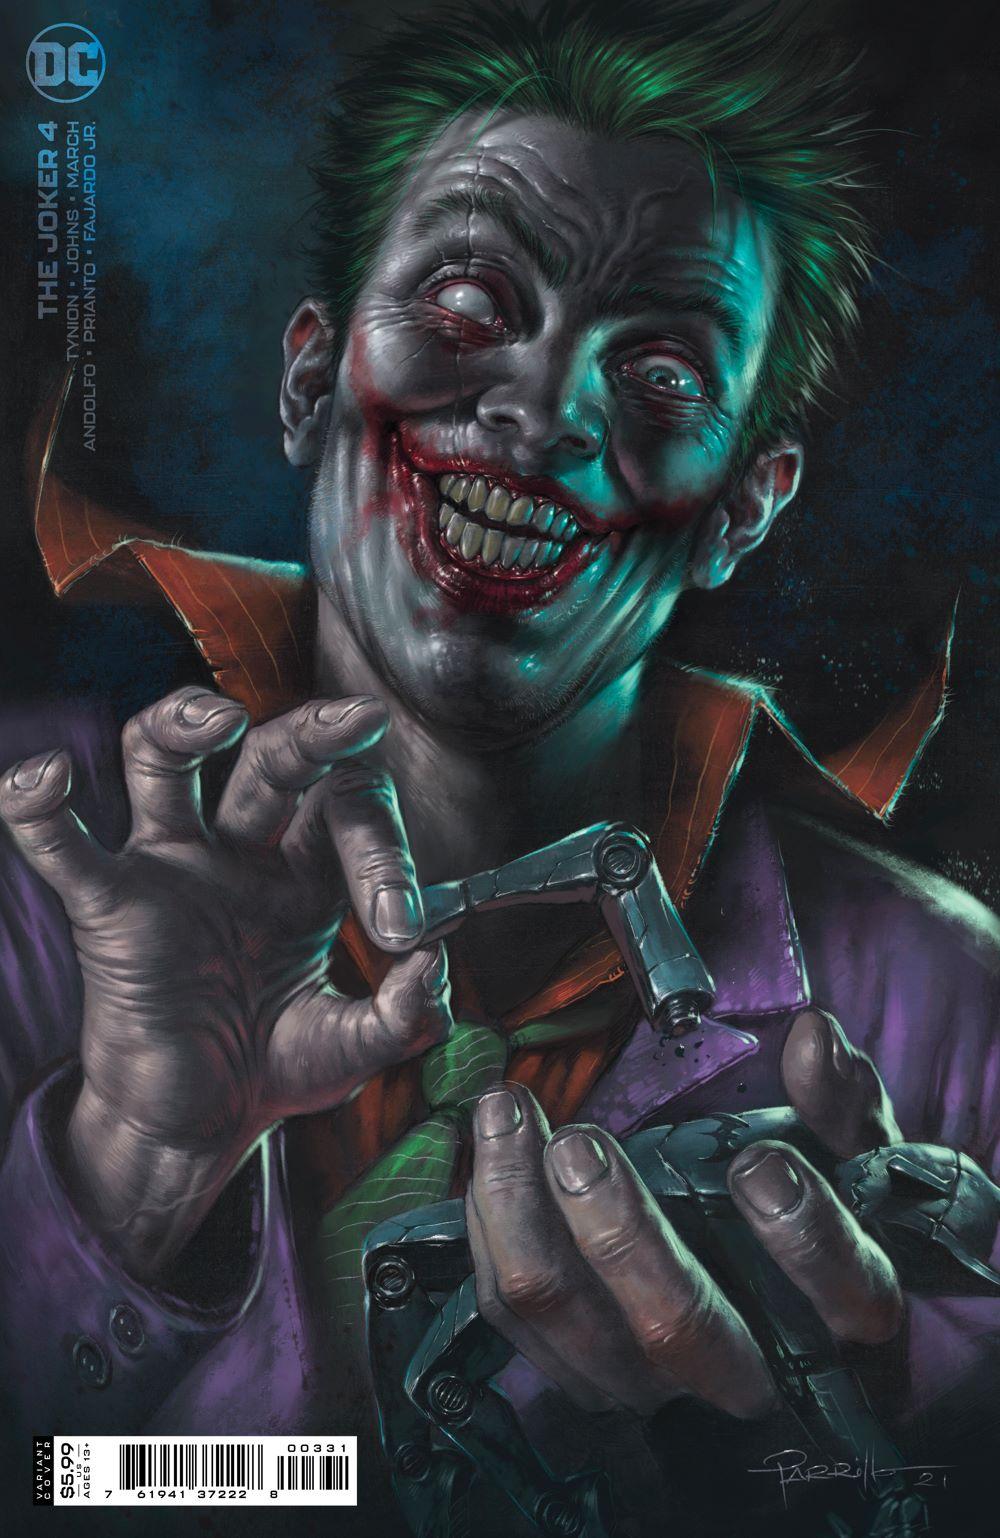 THEJOKER_Cv4_var1 DC Comics June 2021 Solicitations